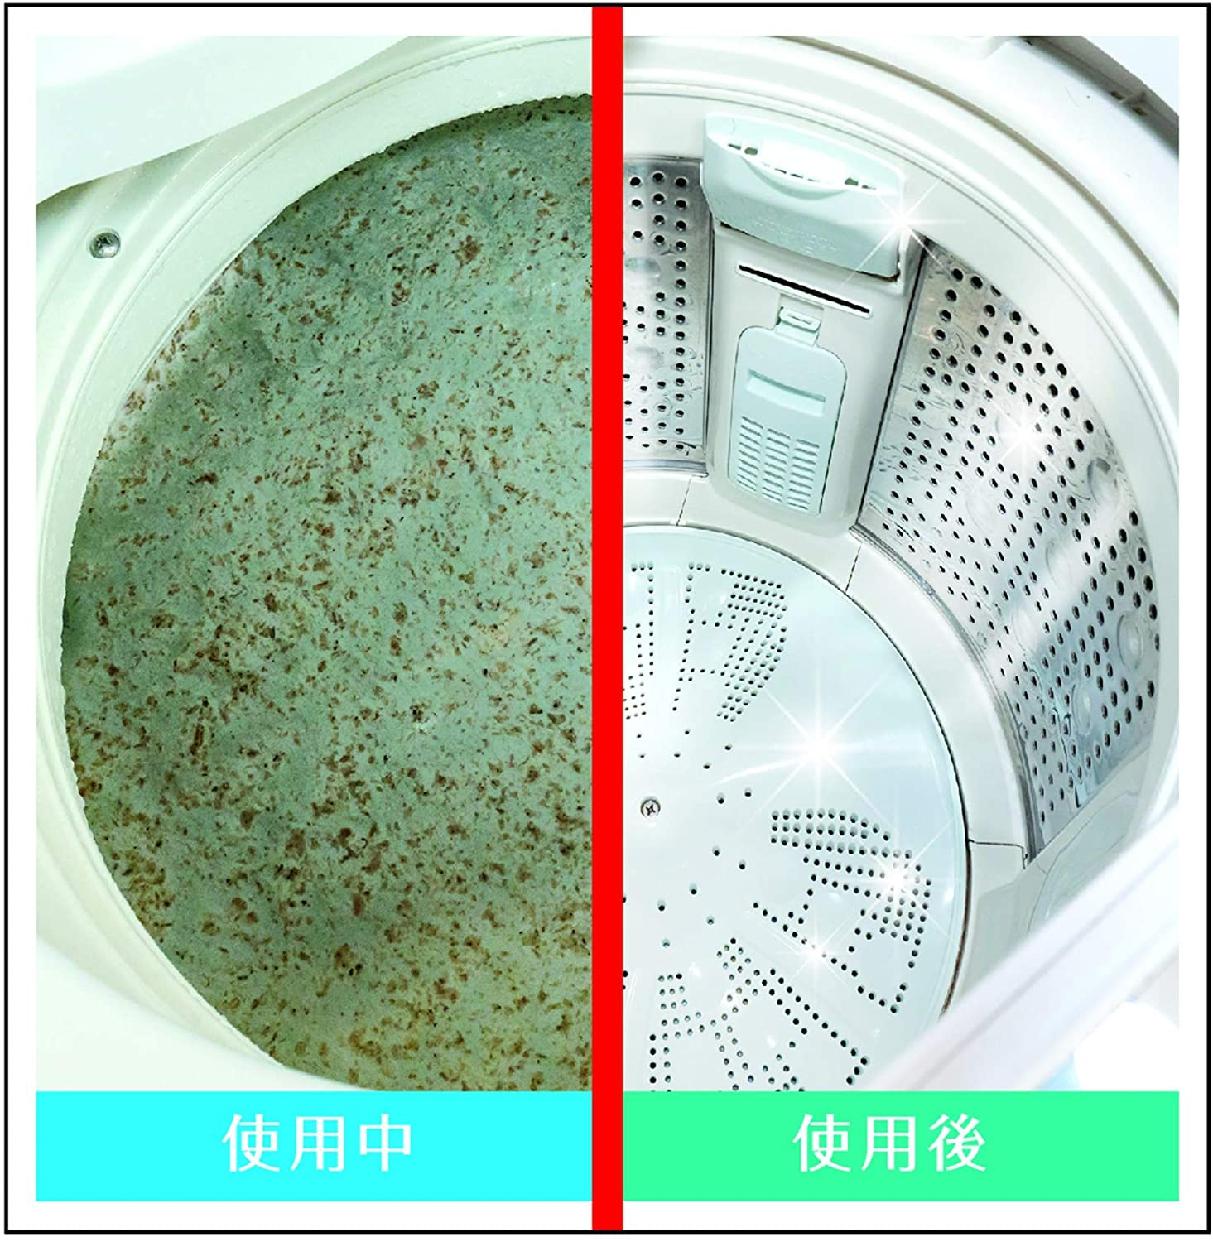 カビトルネード 洗濯槽クリーナー 縦型用の商品画像3